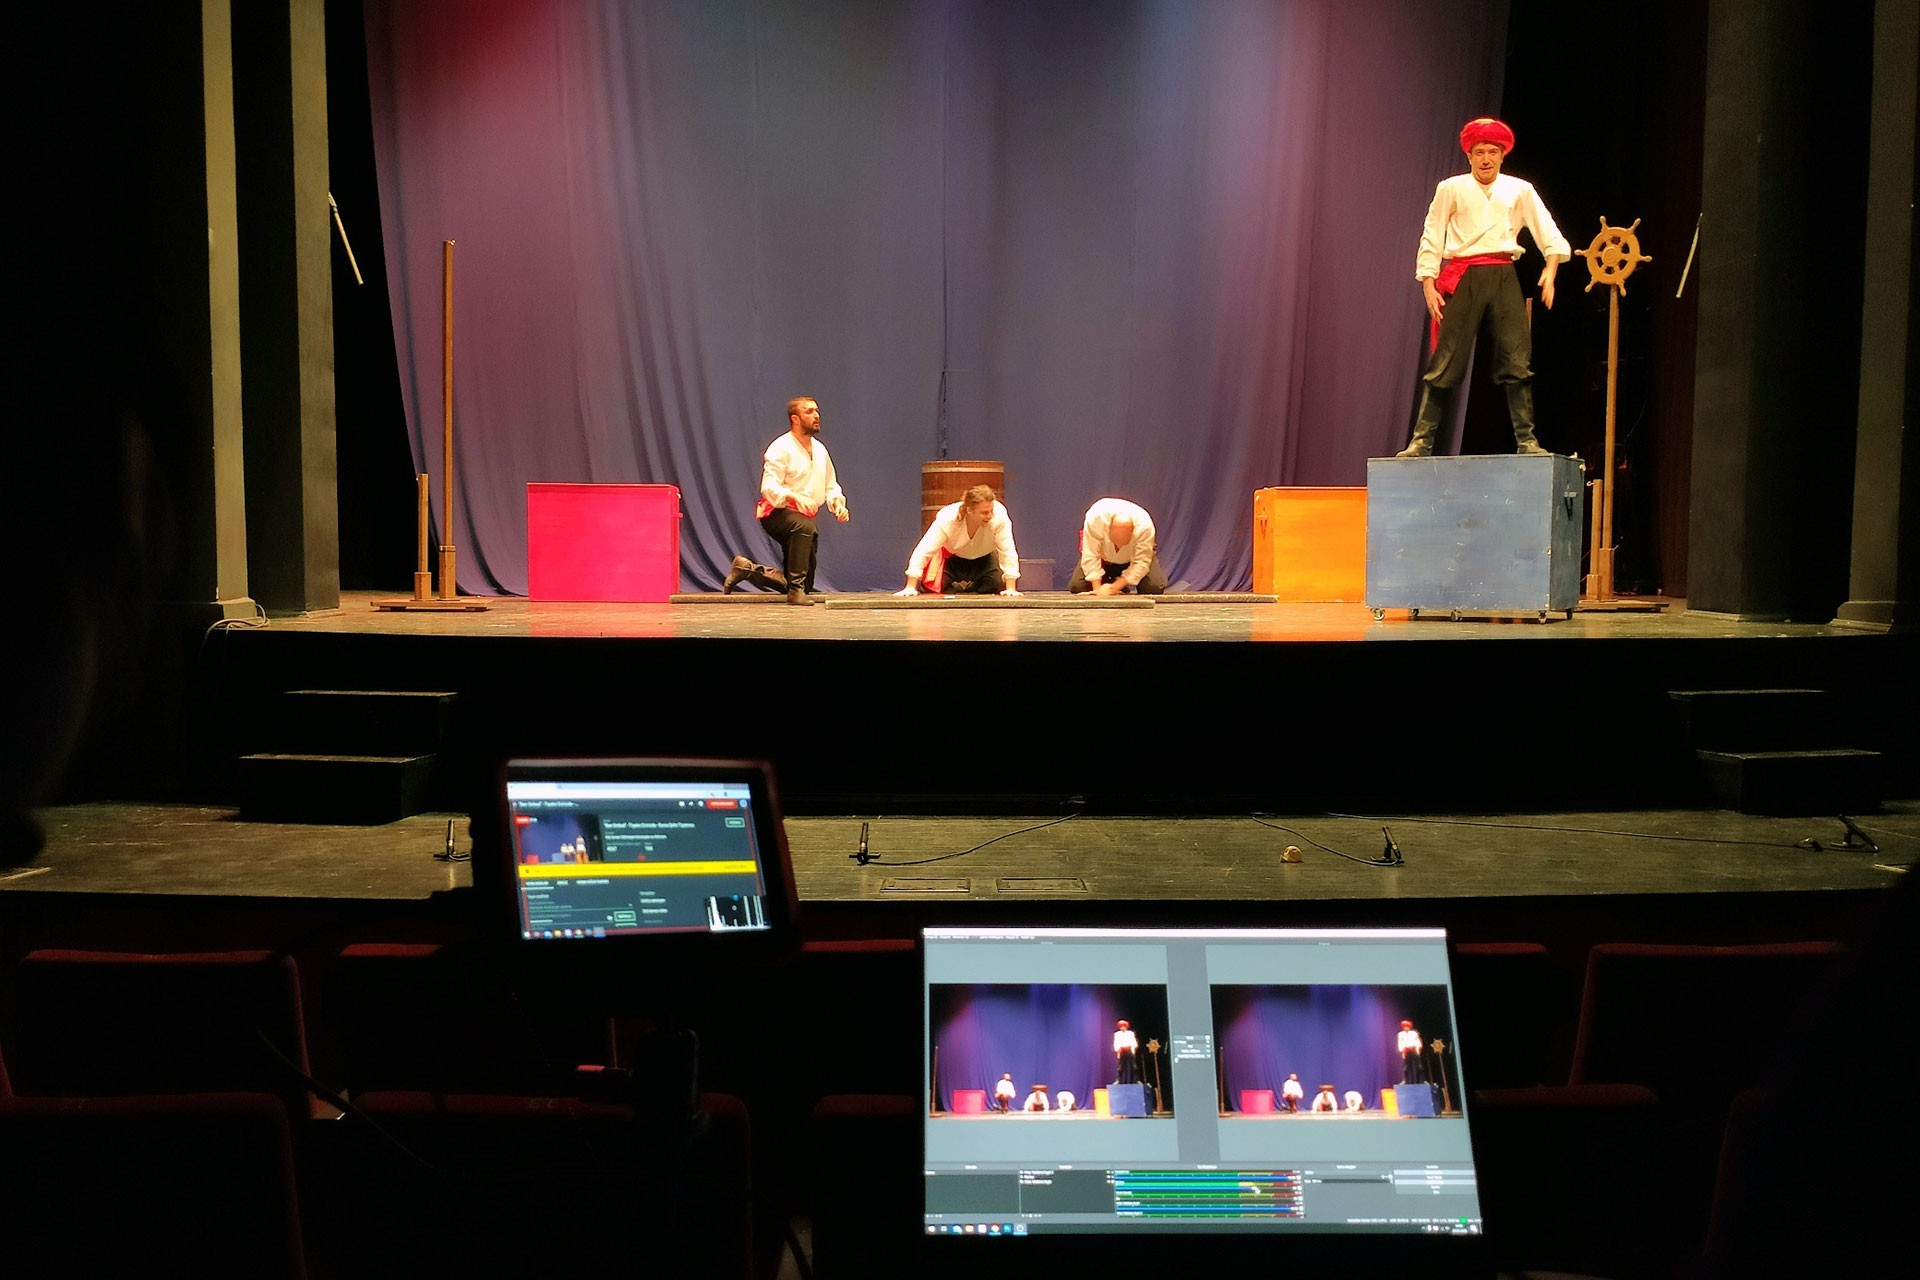 Bursa Büyükşehir Belediyesi Şehir Tiyatrosu, koronavirüs nedeniyle 'Ben Sinbad' adlı oyunu online olarak internet üzerinden yayınladı.